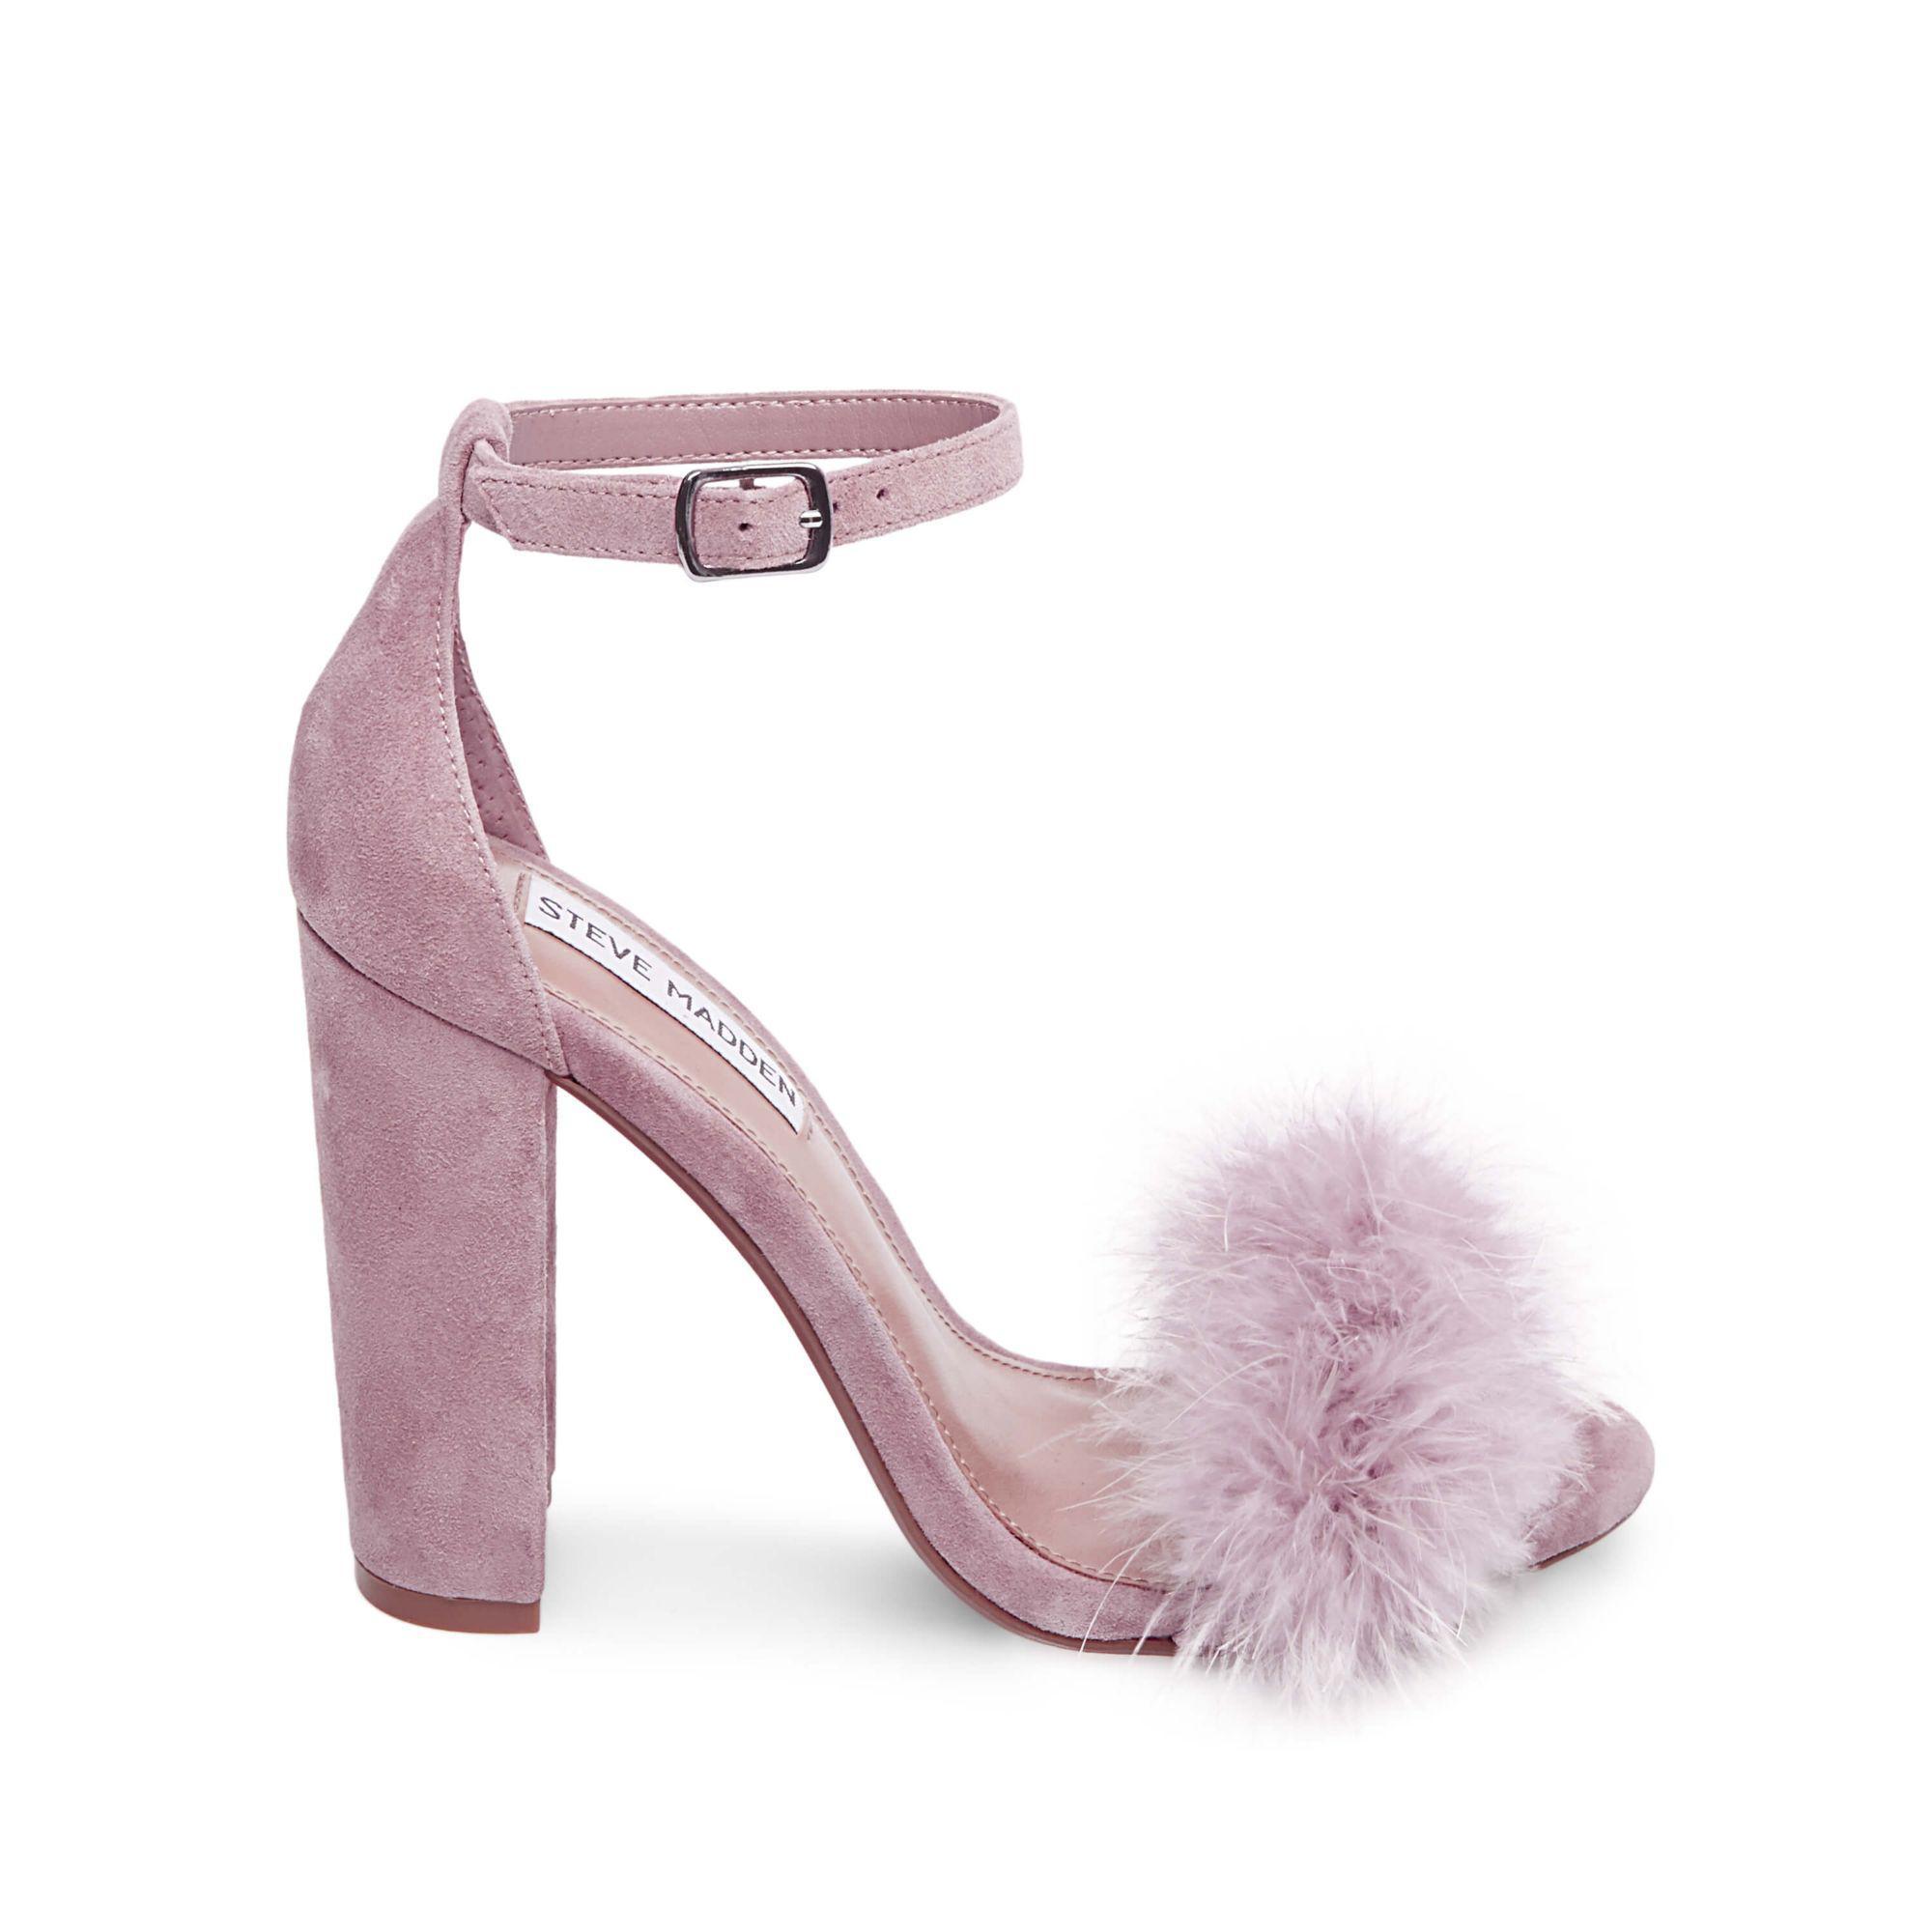 dfa6515a4e2 Lyst - Steve Madden Carabu in Pink